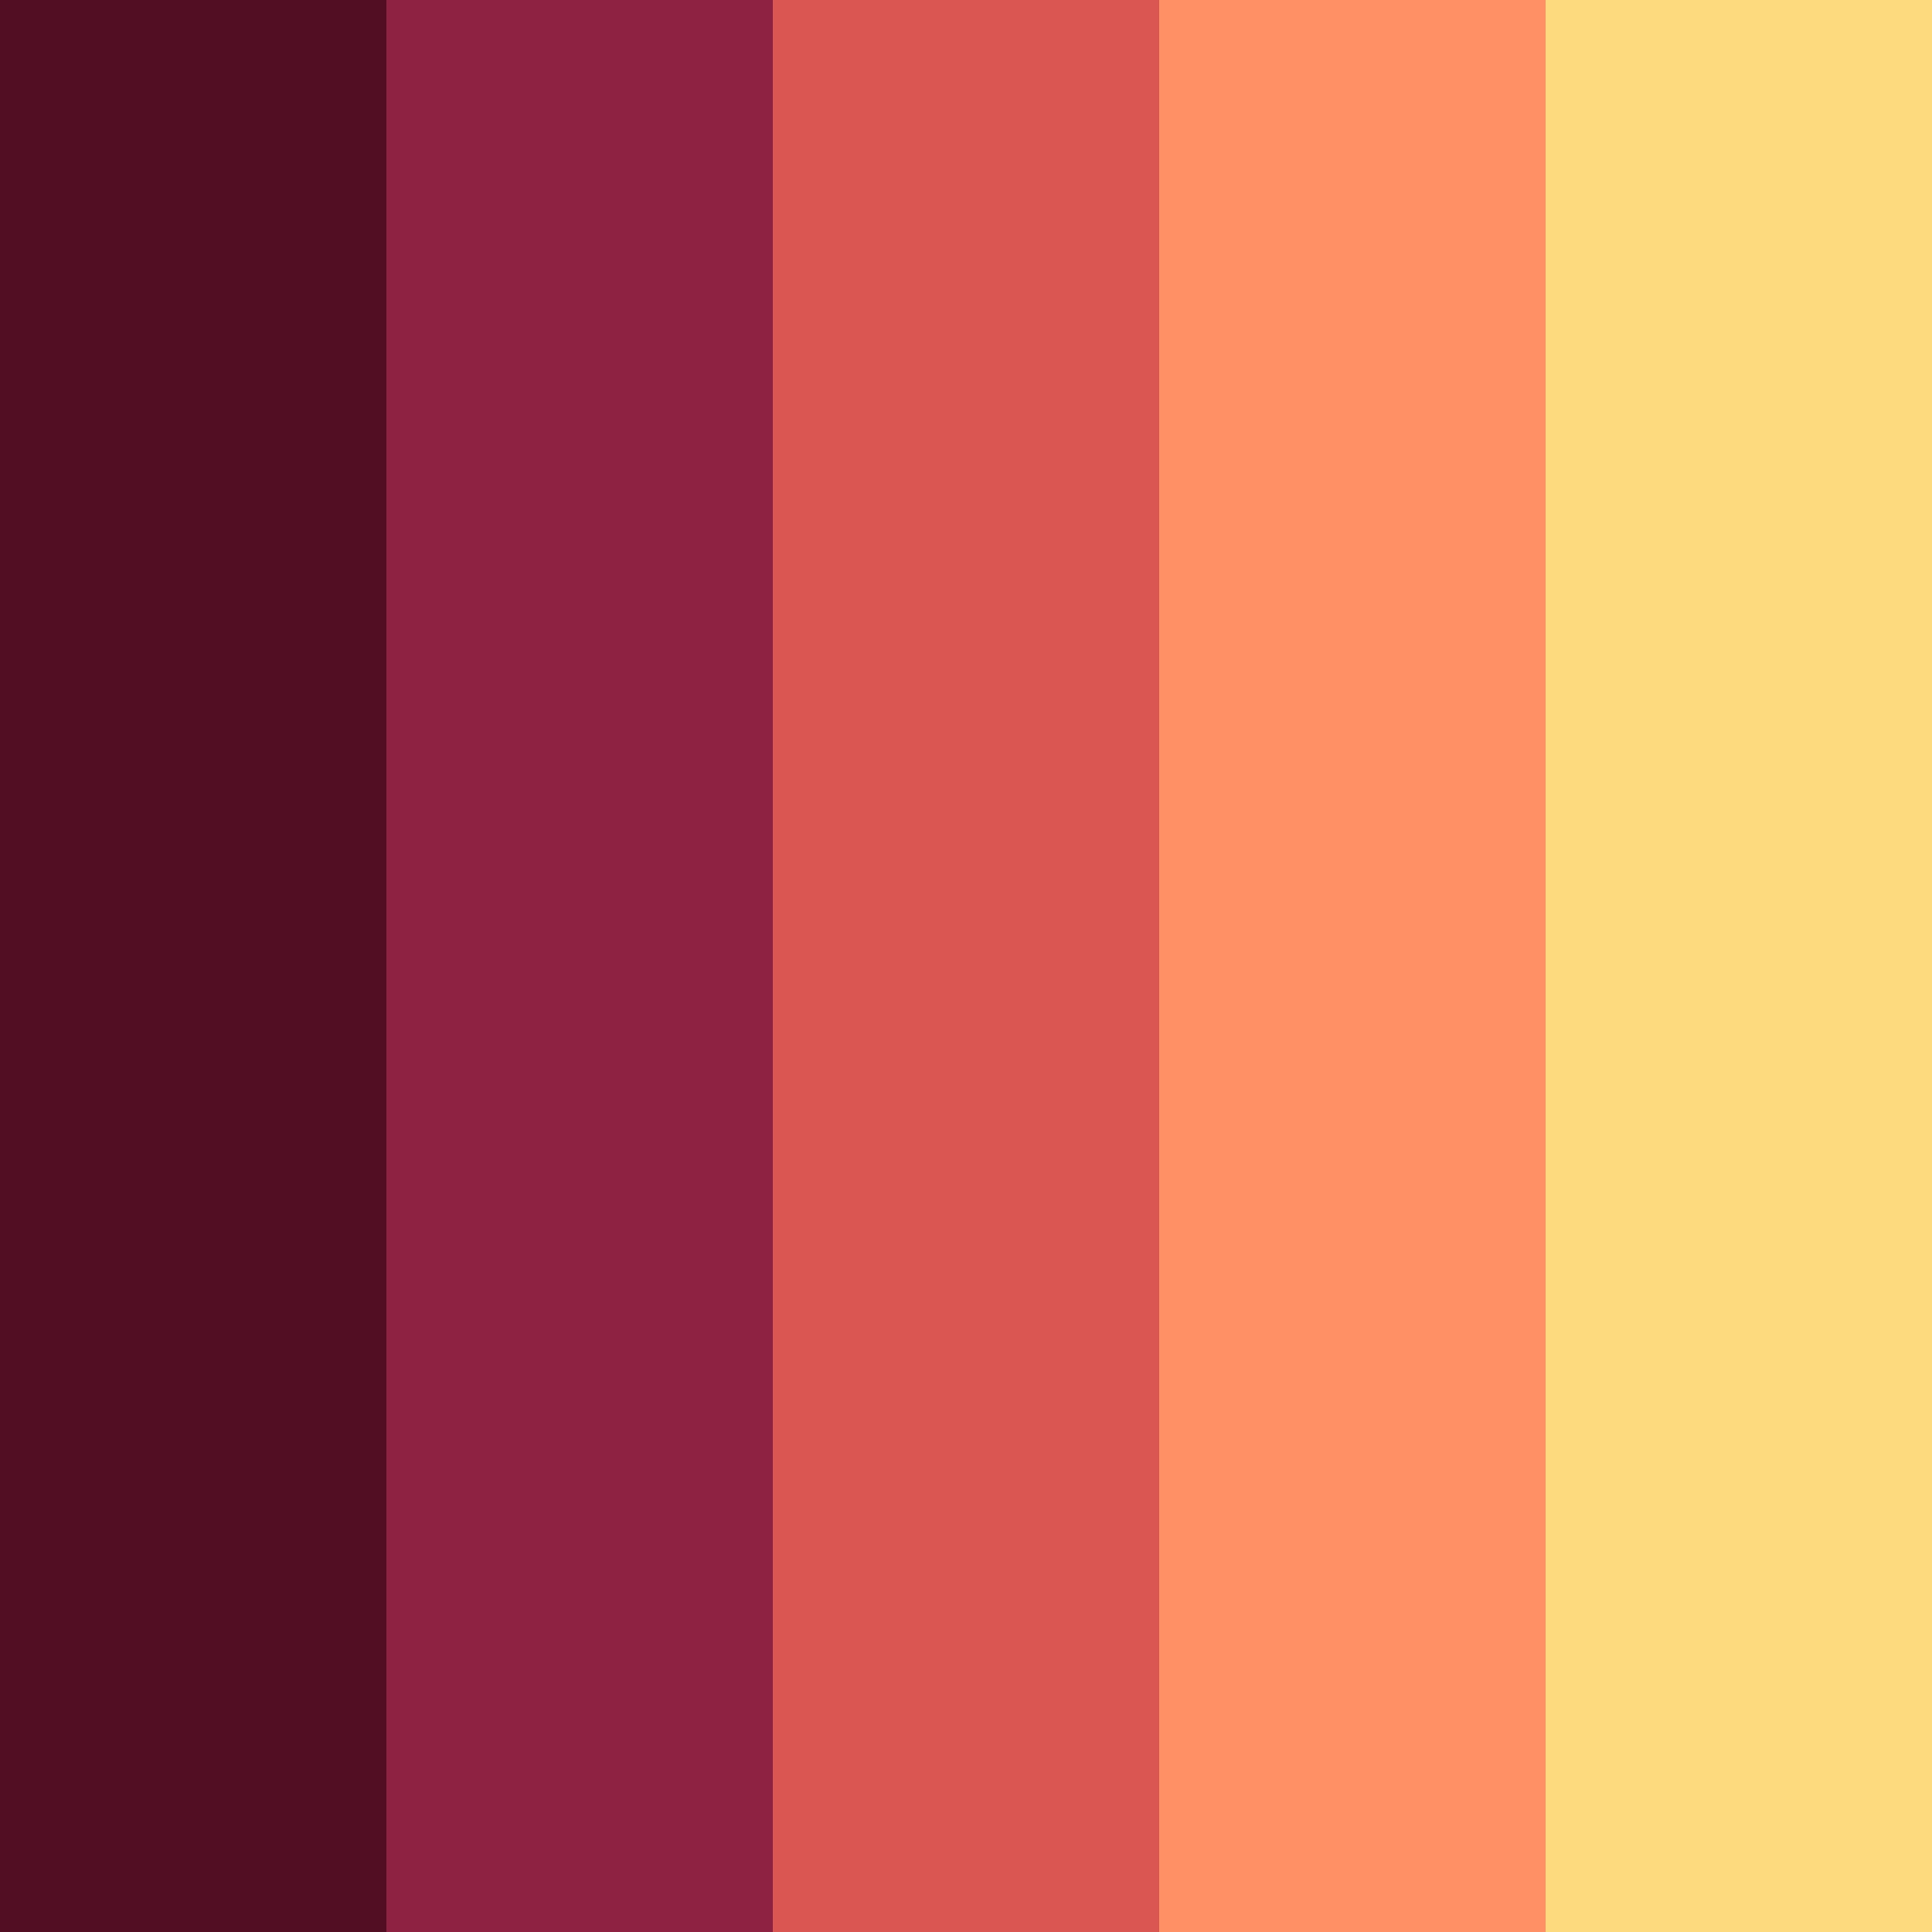 flat ui colors autumn edition niklaus gerber m s